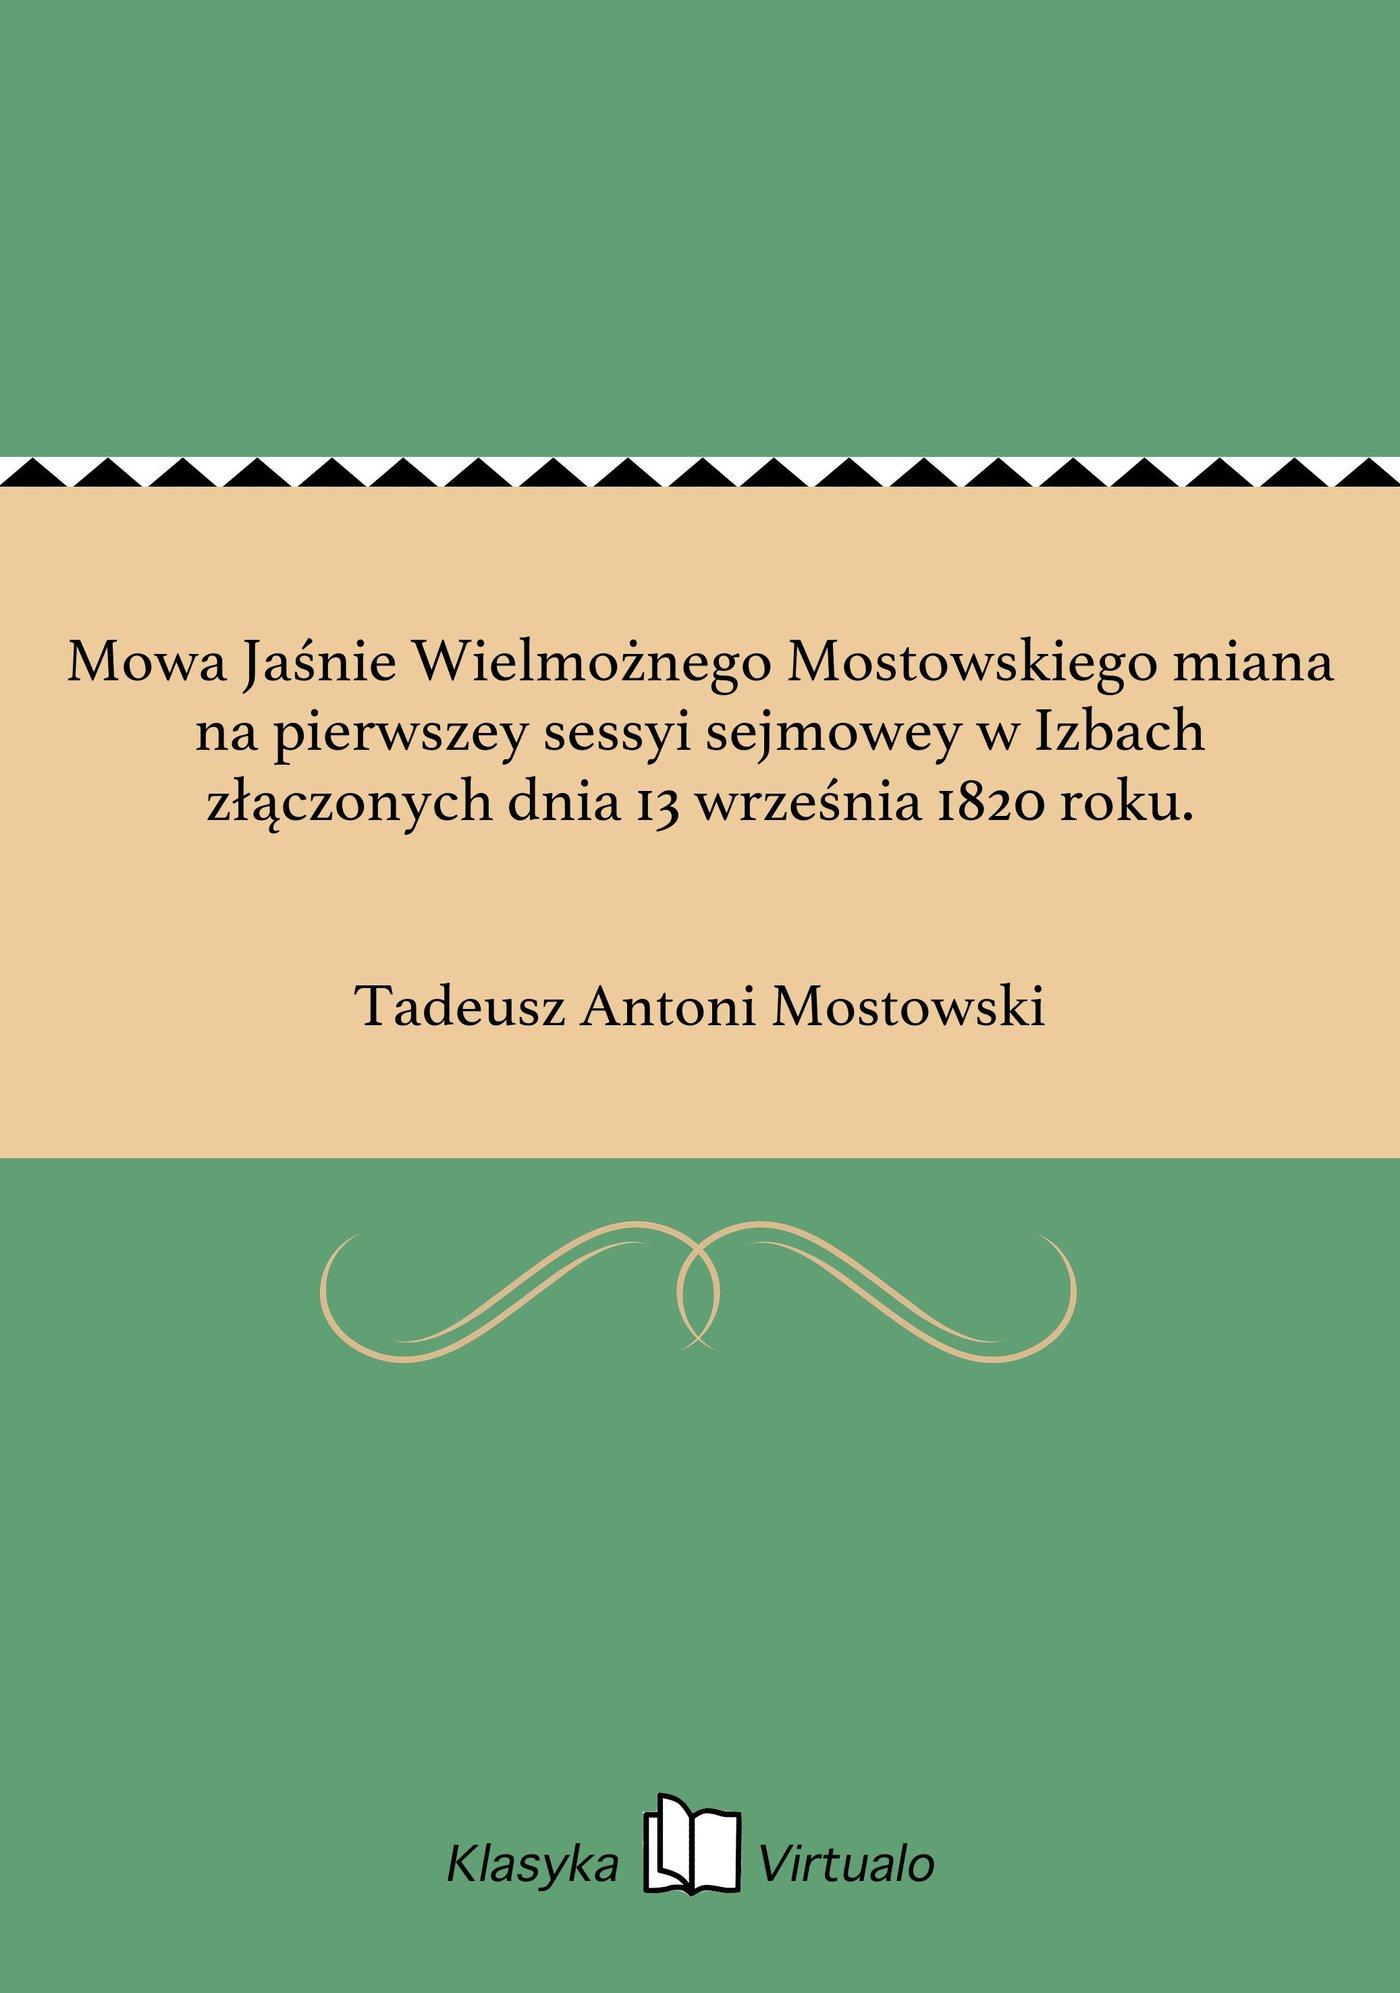 Mowa Jaśnie Wielmożnego Mostowskiego miana na pierwszey sessyi sejmowey w Izbach złączonych dnia 13 września 1820 roku. - Ebook (Książka EPUB) do pobrania w formacie EPUB